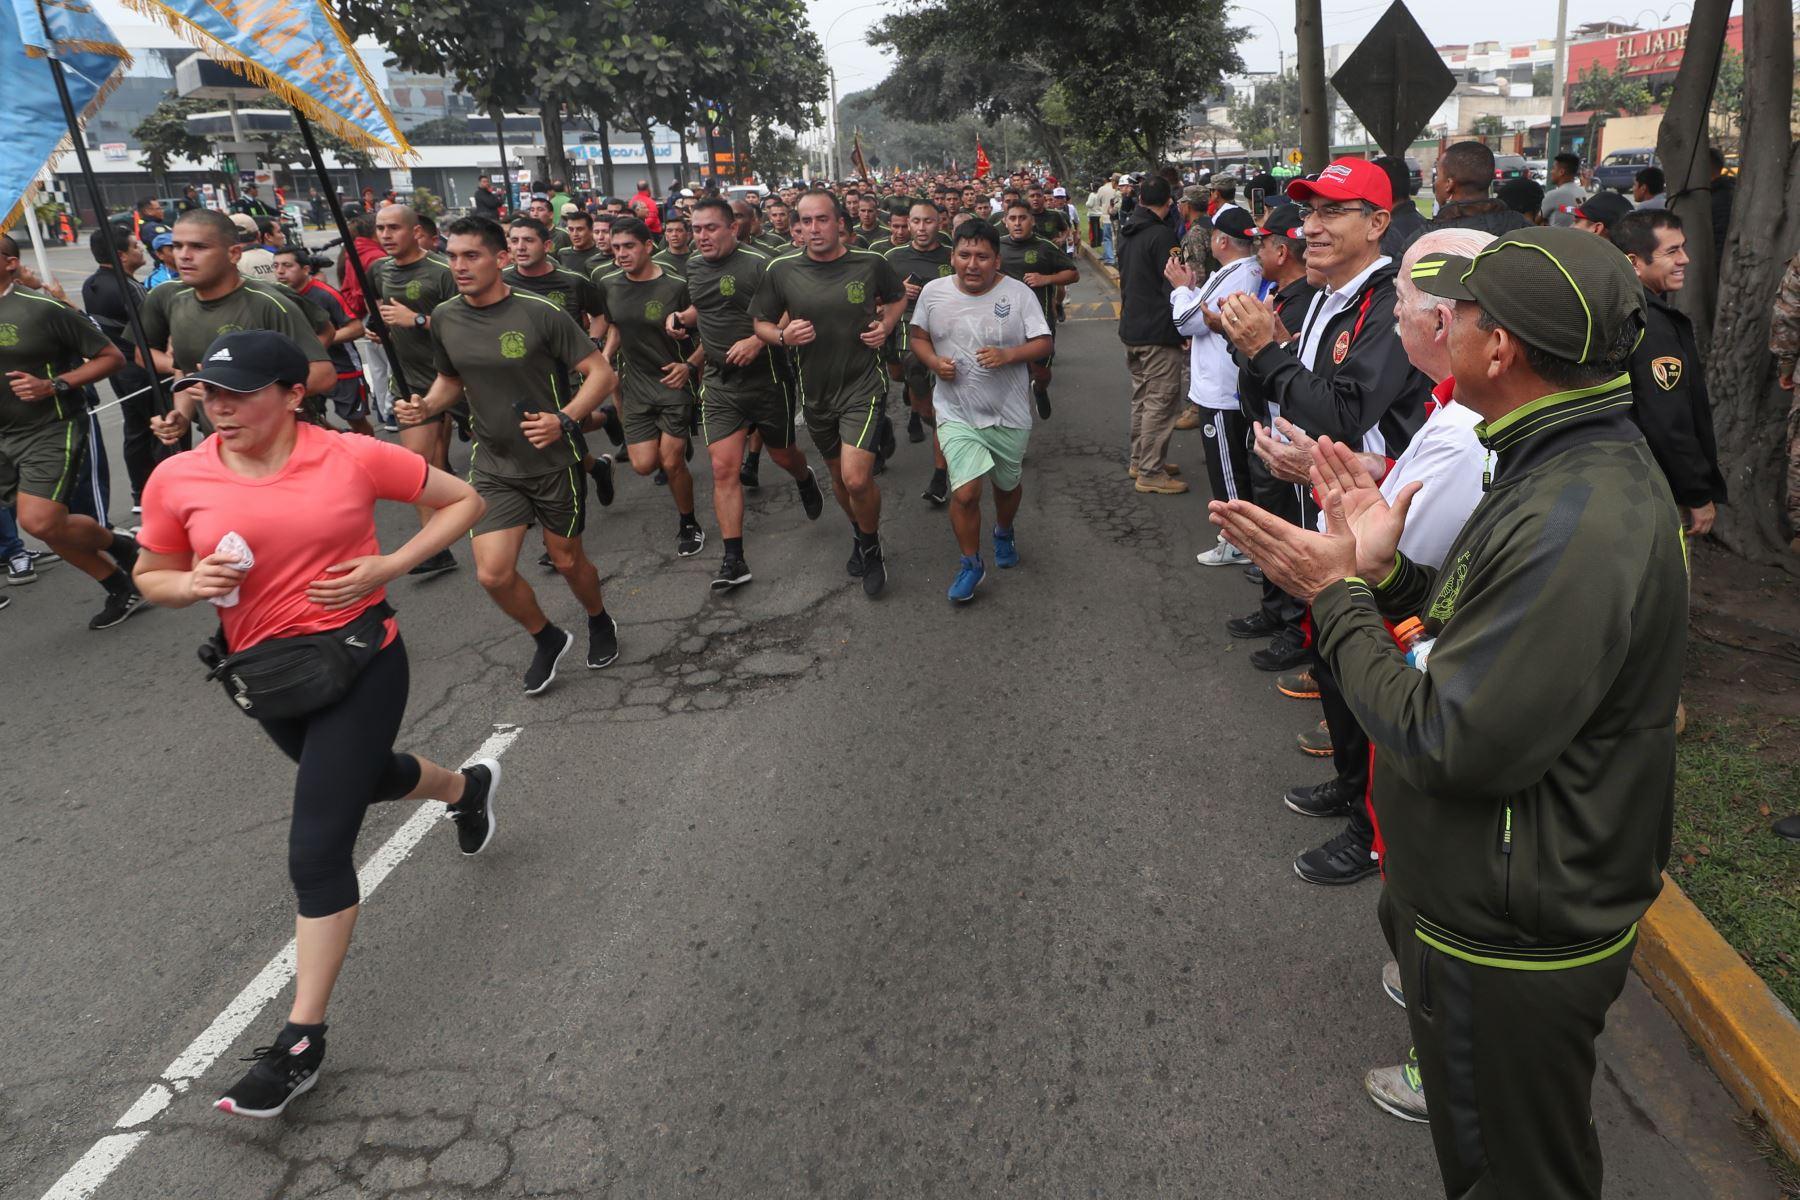 Presidente Martín Vizcarra da la bienvenida a los participantes de la XVII edición de la Carrera Cívico Militar 7.5K, en el marco de las actividades por el Día de las Fuerzas Armadas. Foto: ANDINA/Mindef